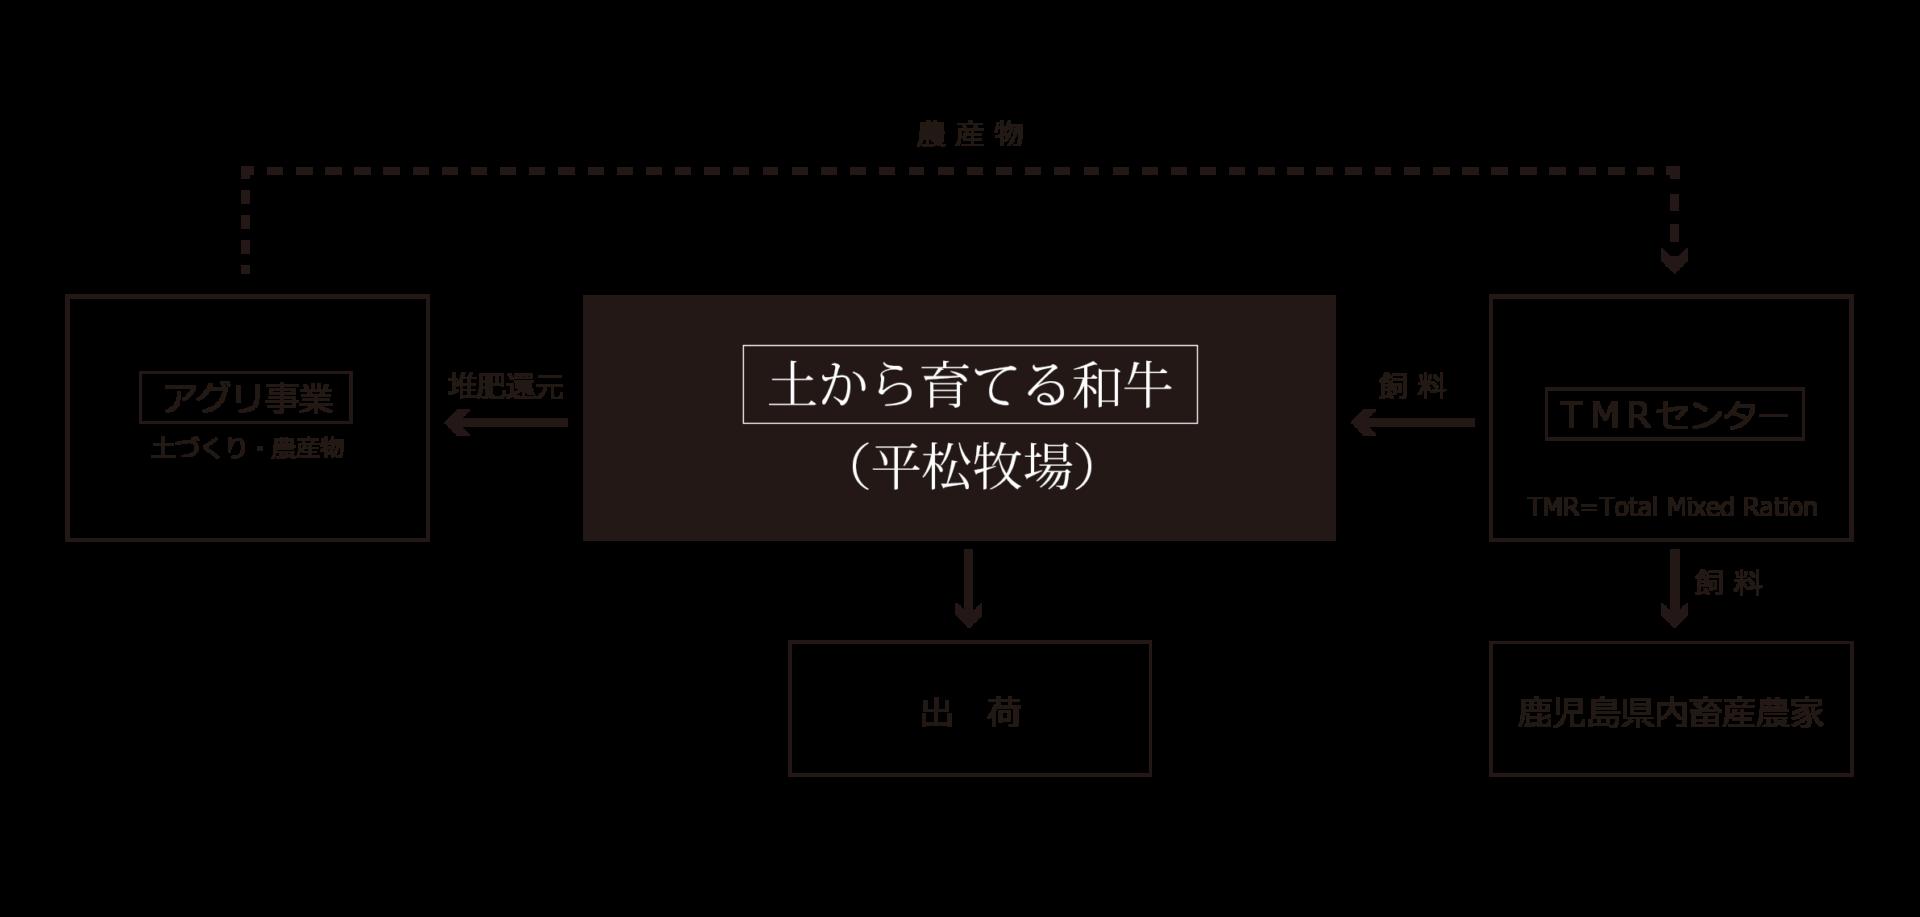 循環図1-02